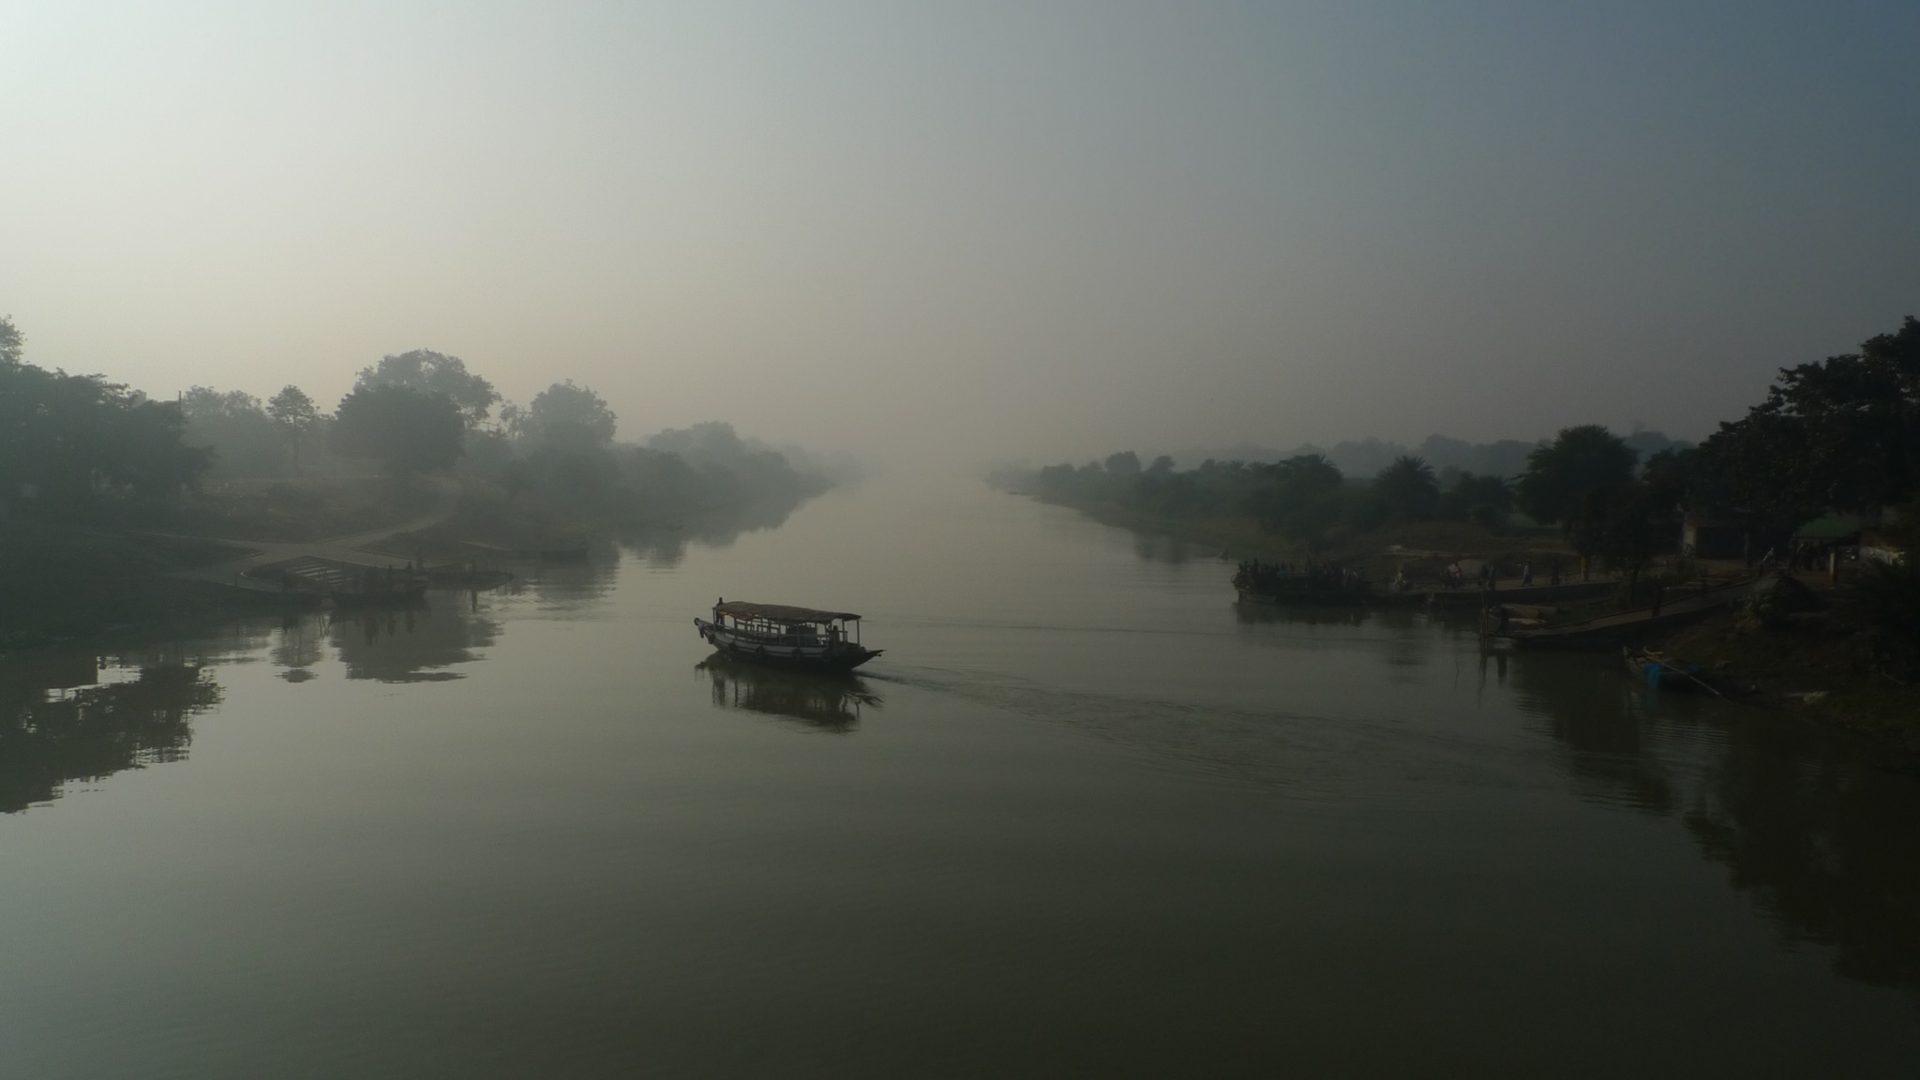 L'aube se lève sur la Hoogly River au Bengale Occidental. Le voyage dans tout son mirage. Le chemin que je m'apprête à emprunter se confond avec l'horizon. Photo Antoine Colombin